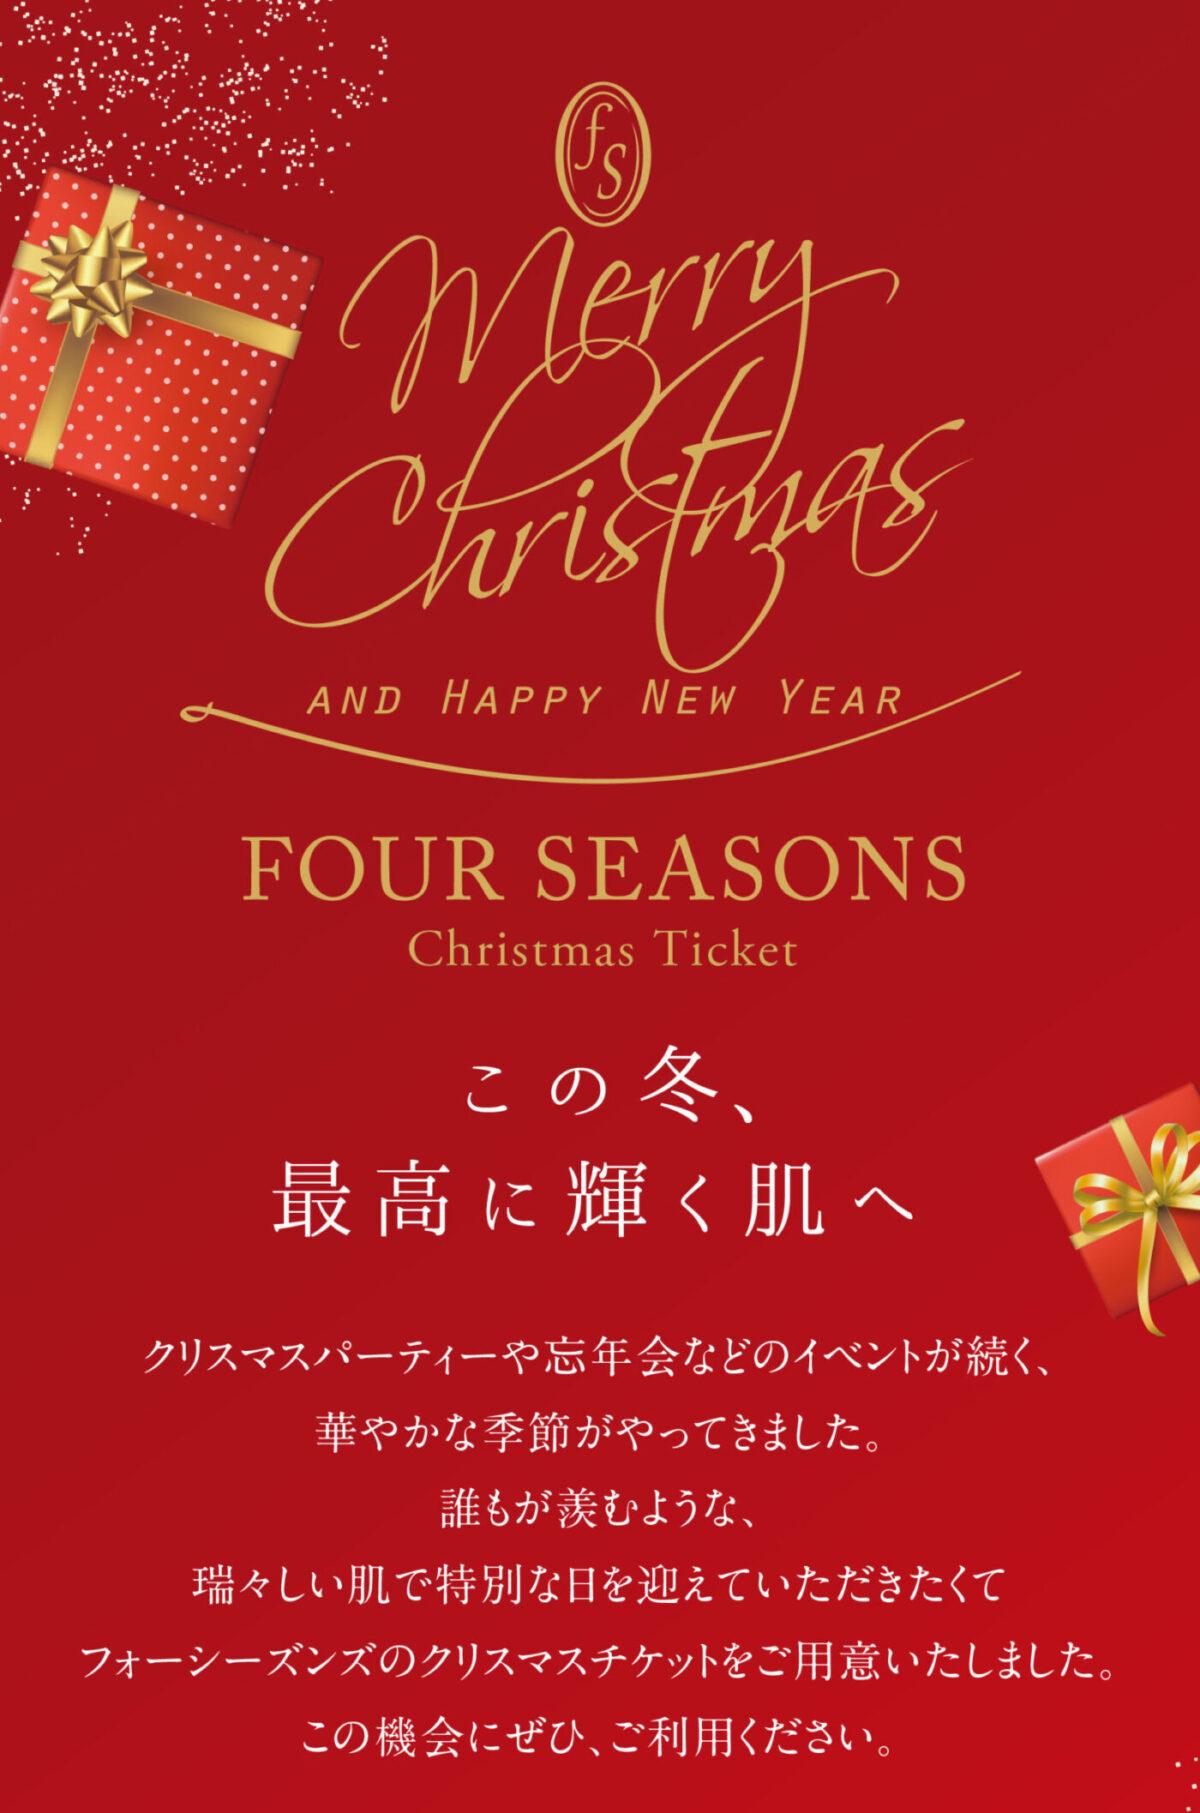 2020年クリスマスキャンペーン東京プロモ画像